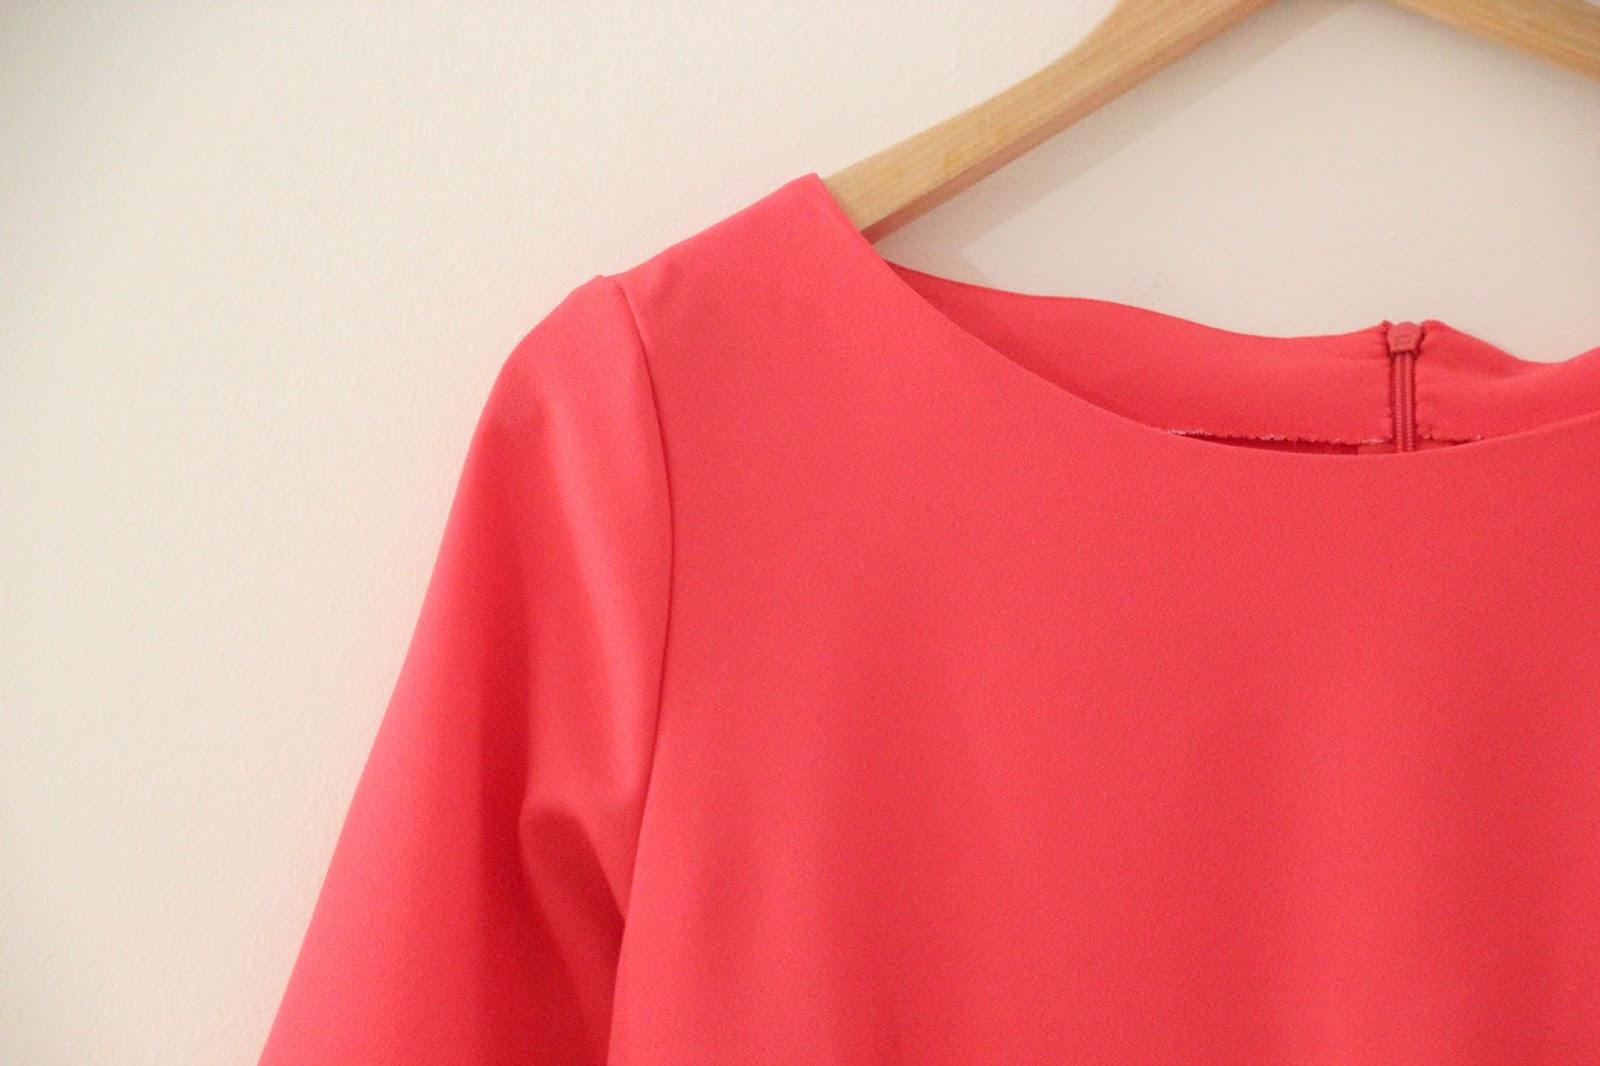 Tutoriales y patrones de vestidos de mujer